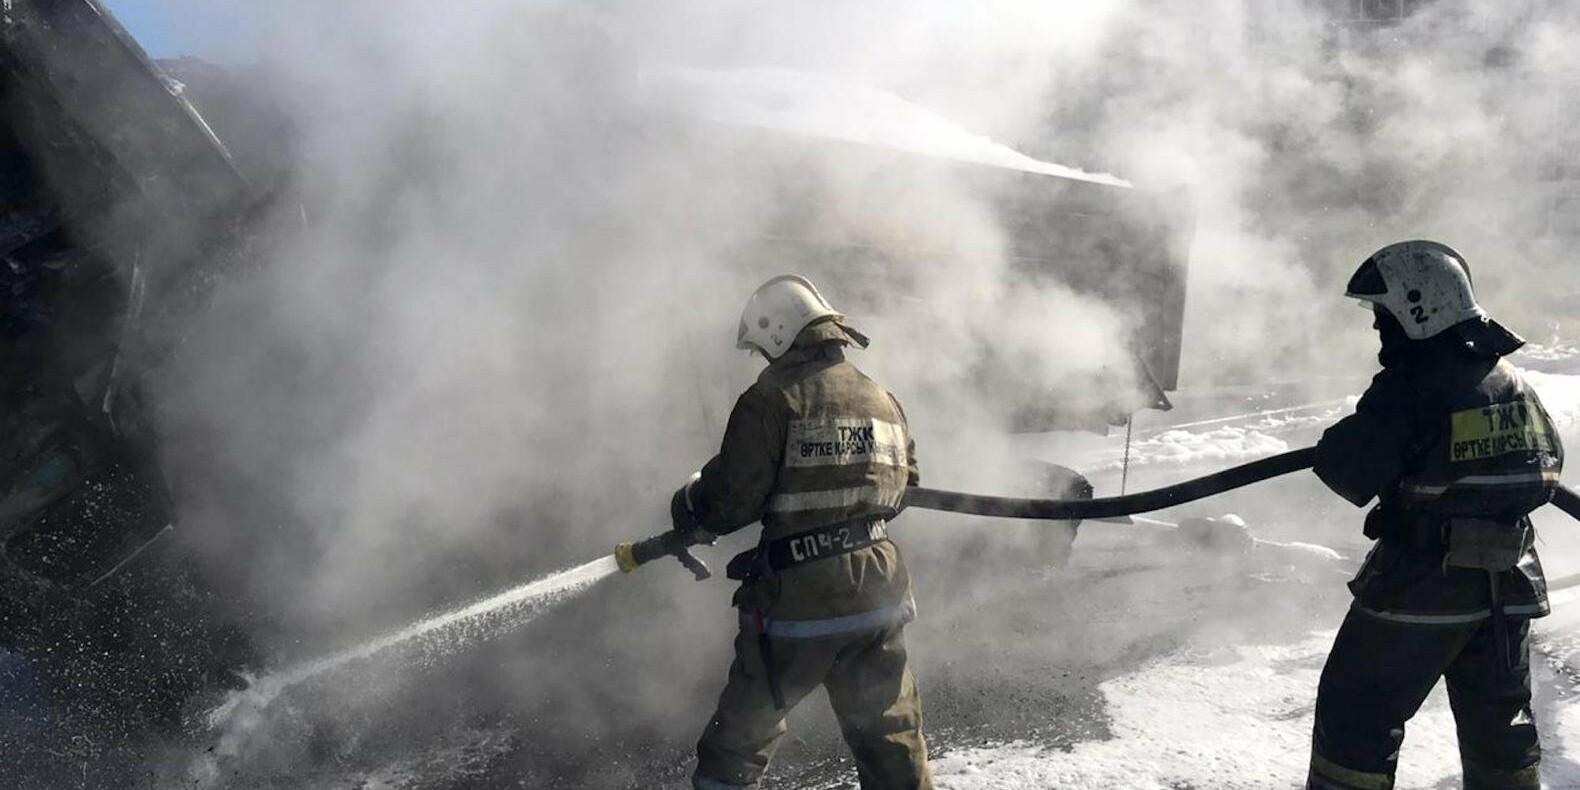 Пожарные ликвидировали огонь в строящемся ЖК на Северном кольце